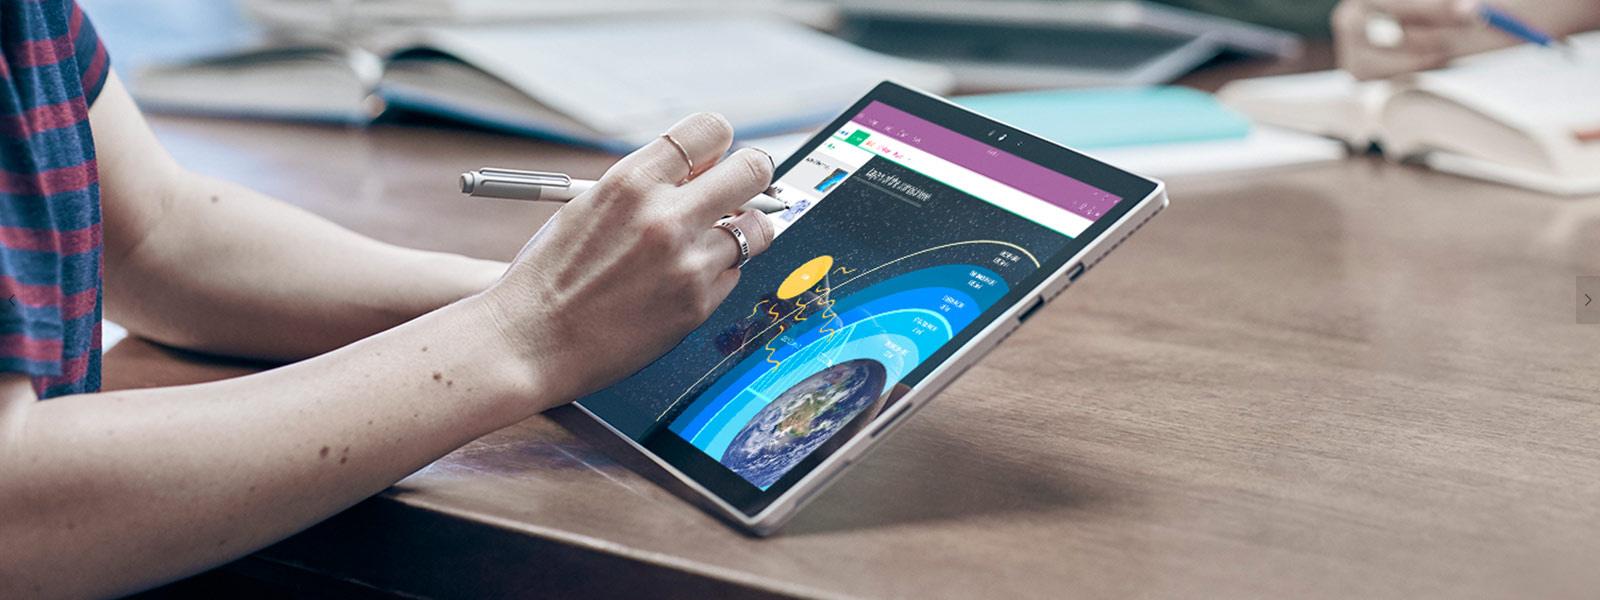 某人在平板模式的 Surface 笔记本上使用 Surface 触控笔。